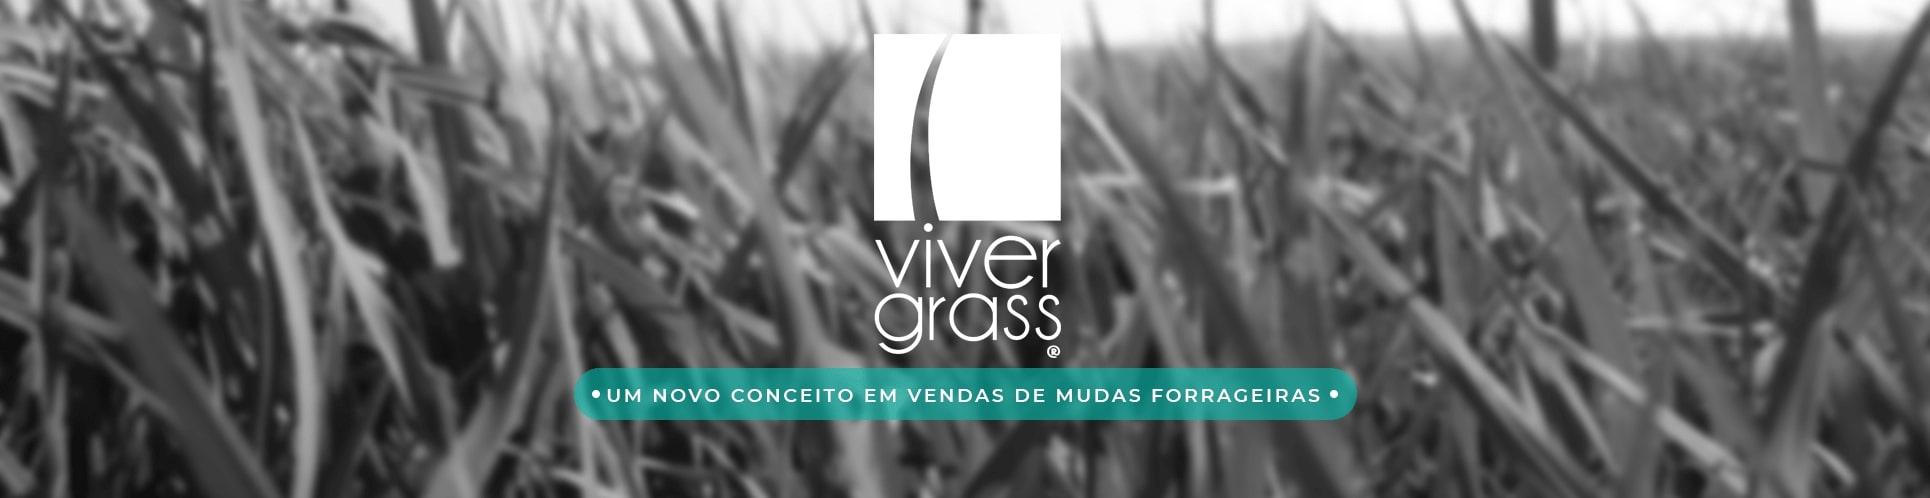 Viver Grass Novo Conceito